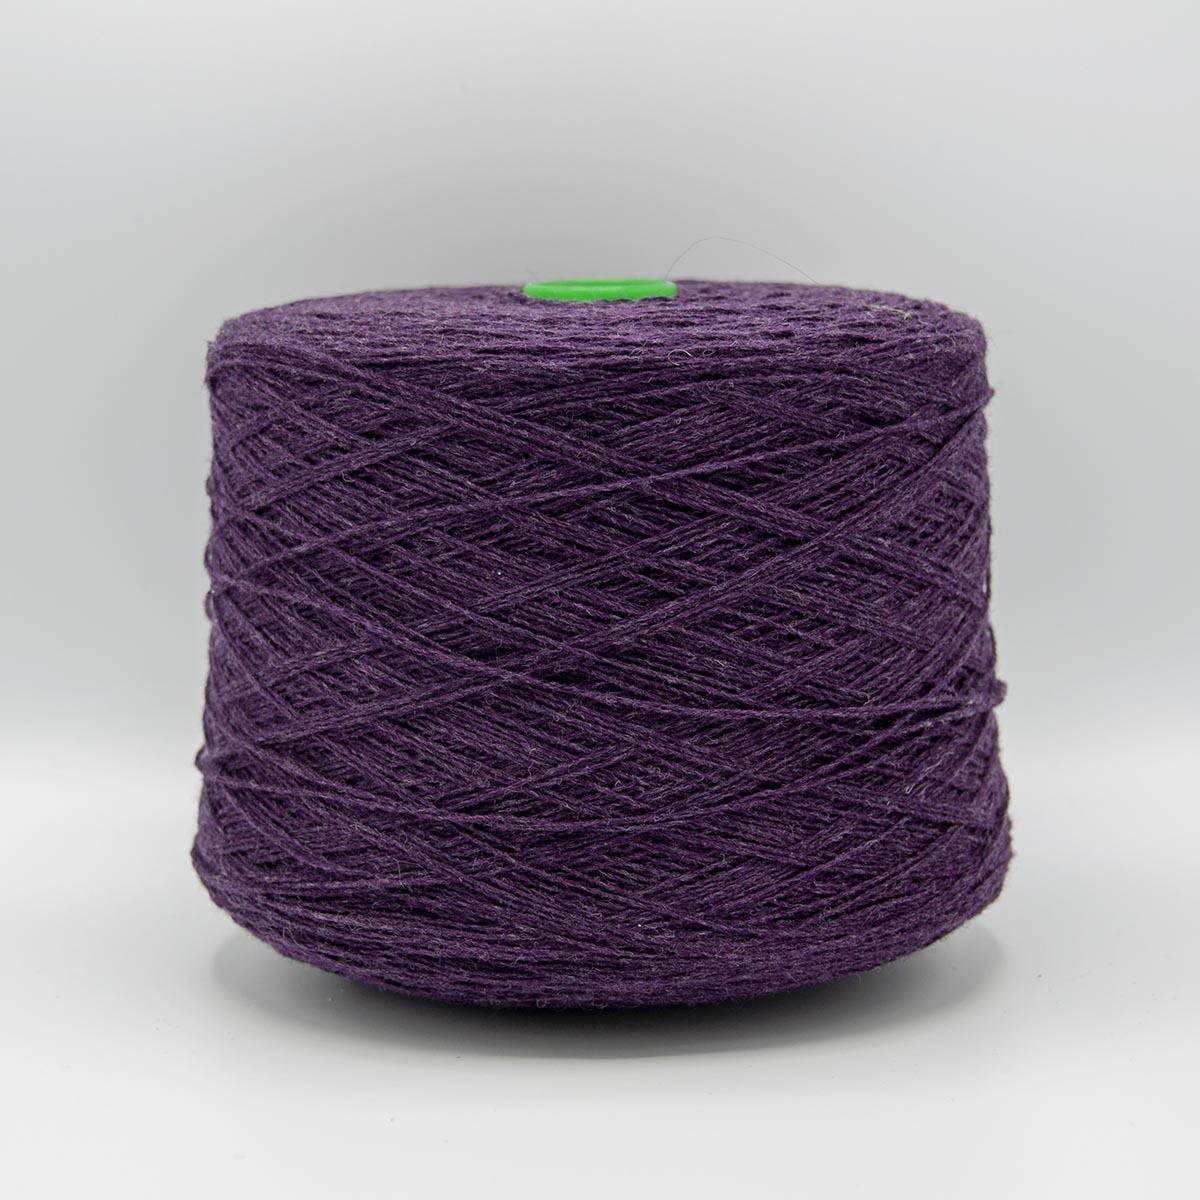 Knoll Yarns Lambswool - 132